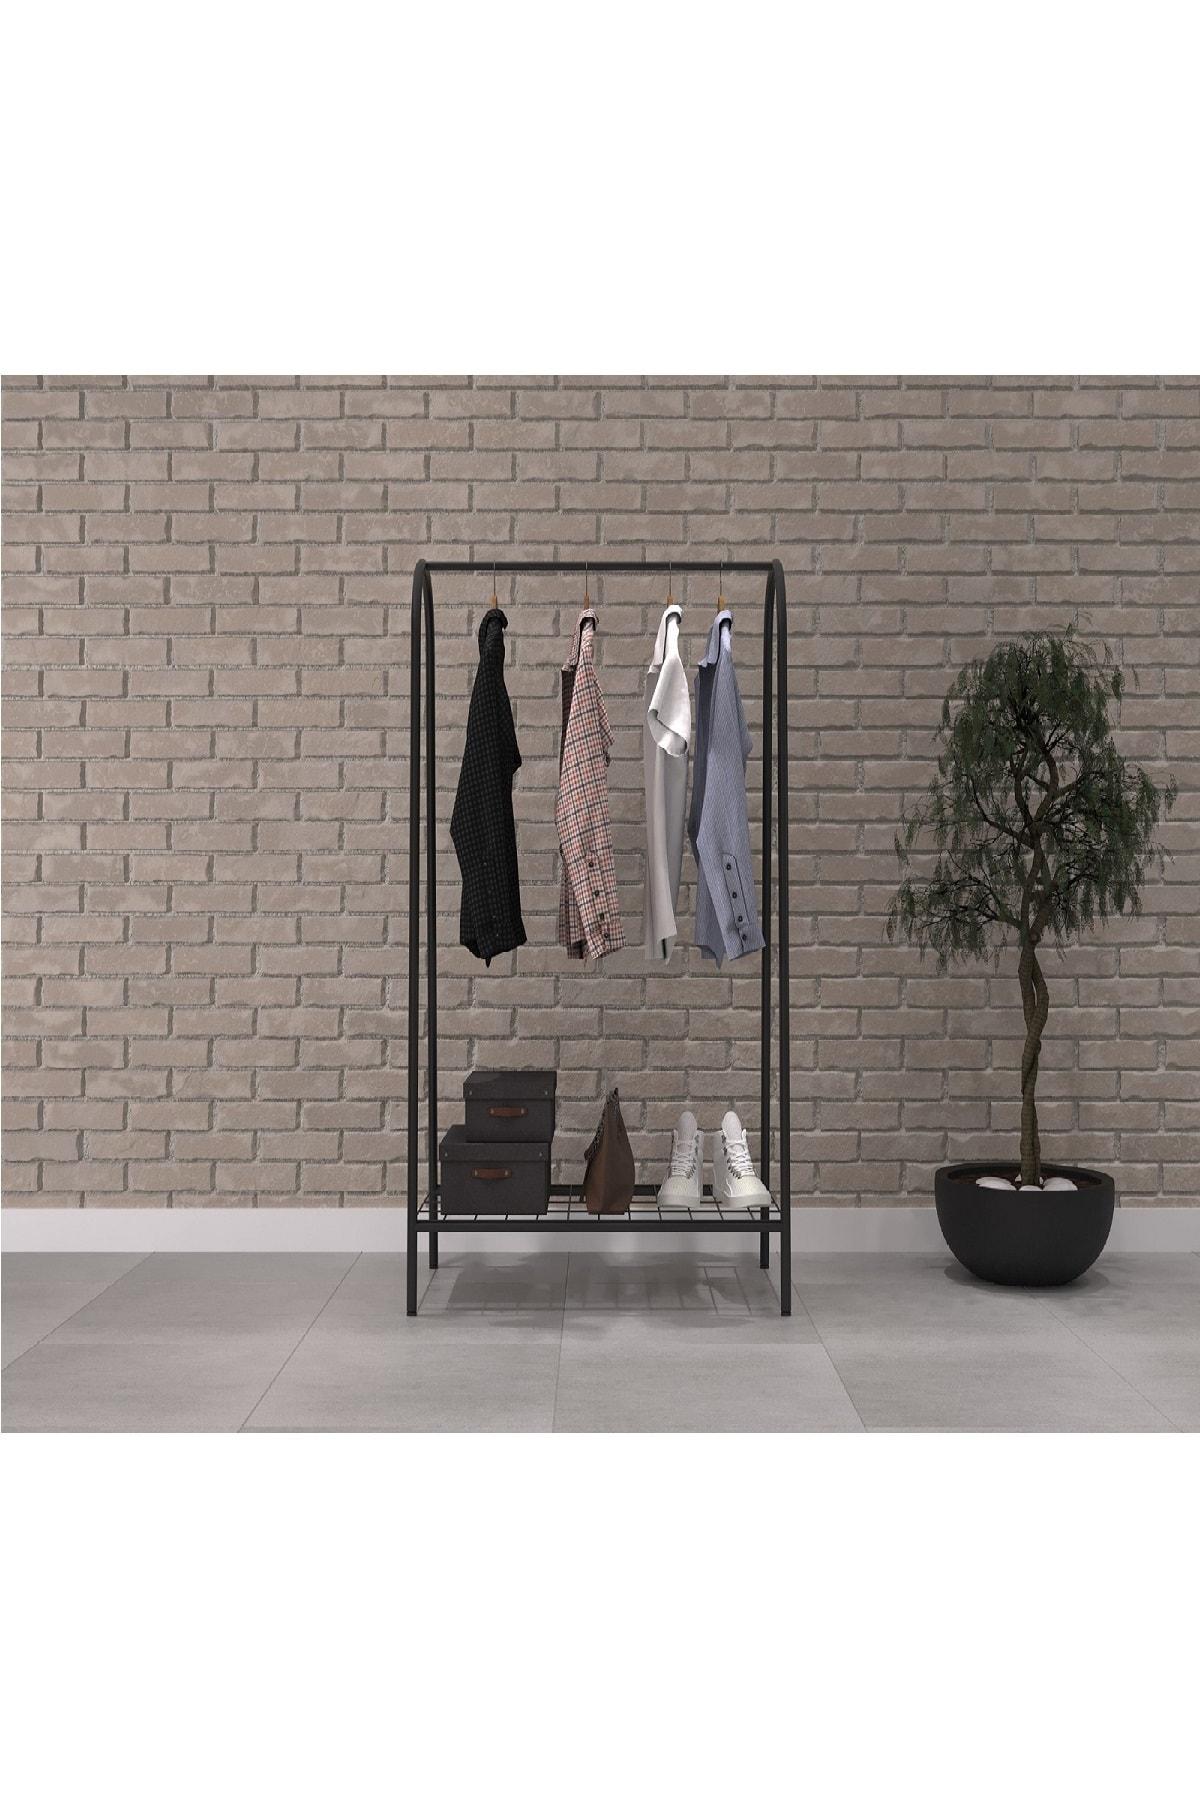 Uyan Ev Ürünleri Metal 1 Raflı Metal Ayaklı Portmanto Ve Raflı Konfeksiyon Askılığı Metal Ayaklı Elbise Askılığı 1